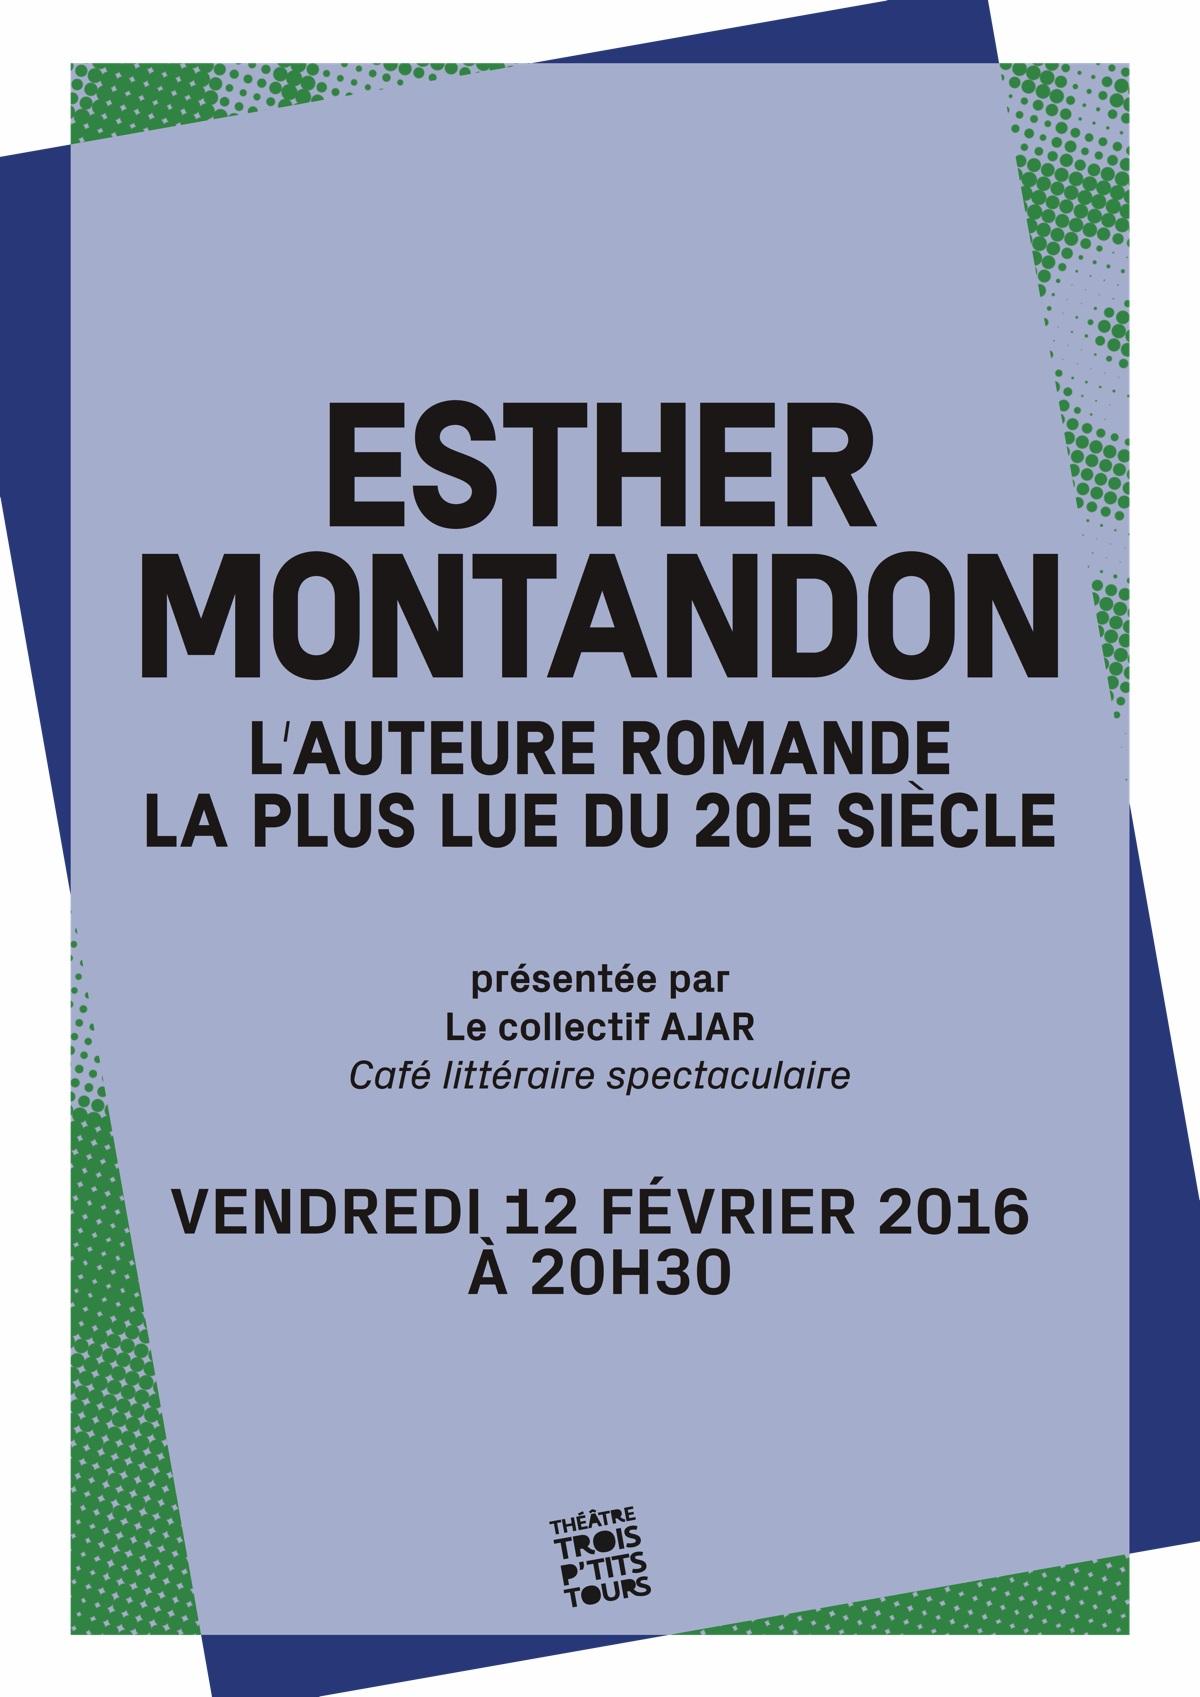 Esther Montandon, l'auteure romande la plus lue du XXe siècle